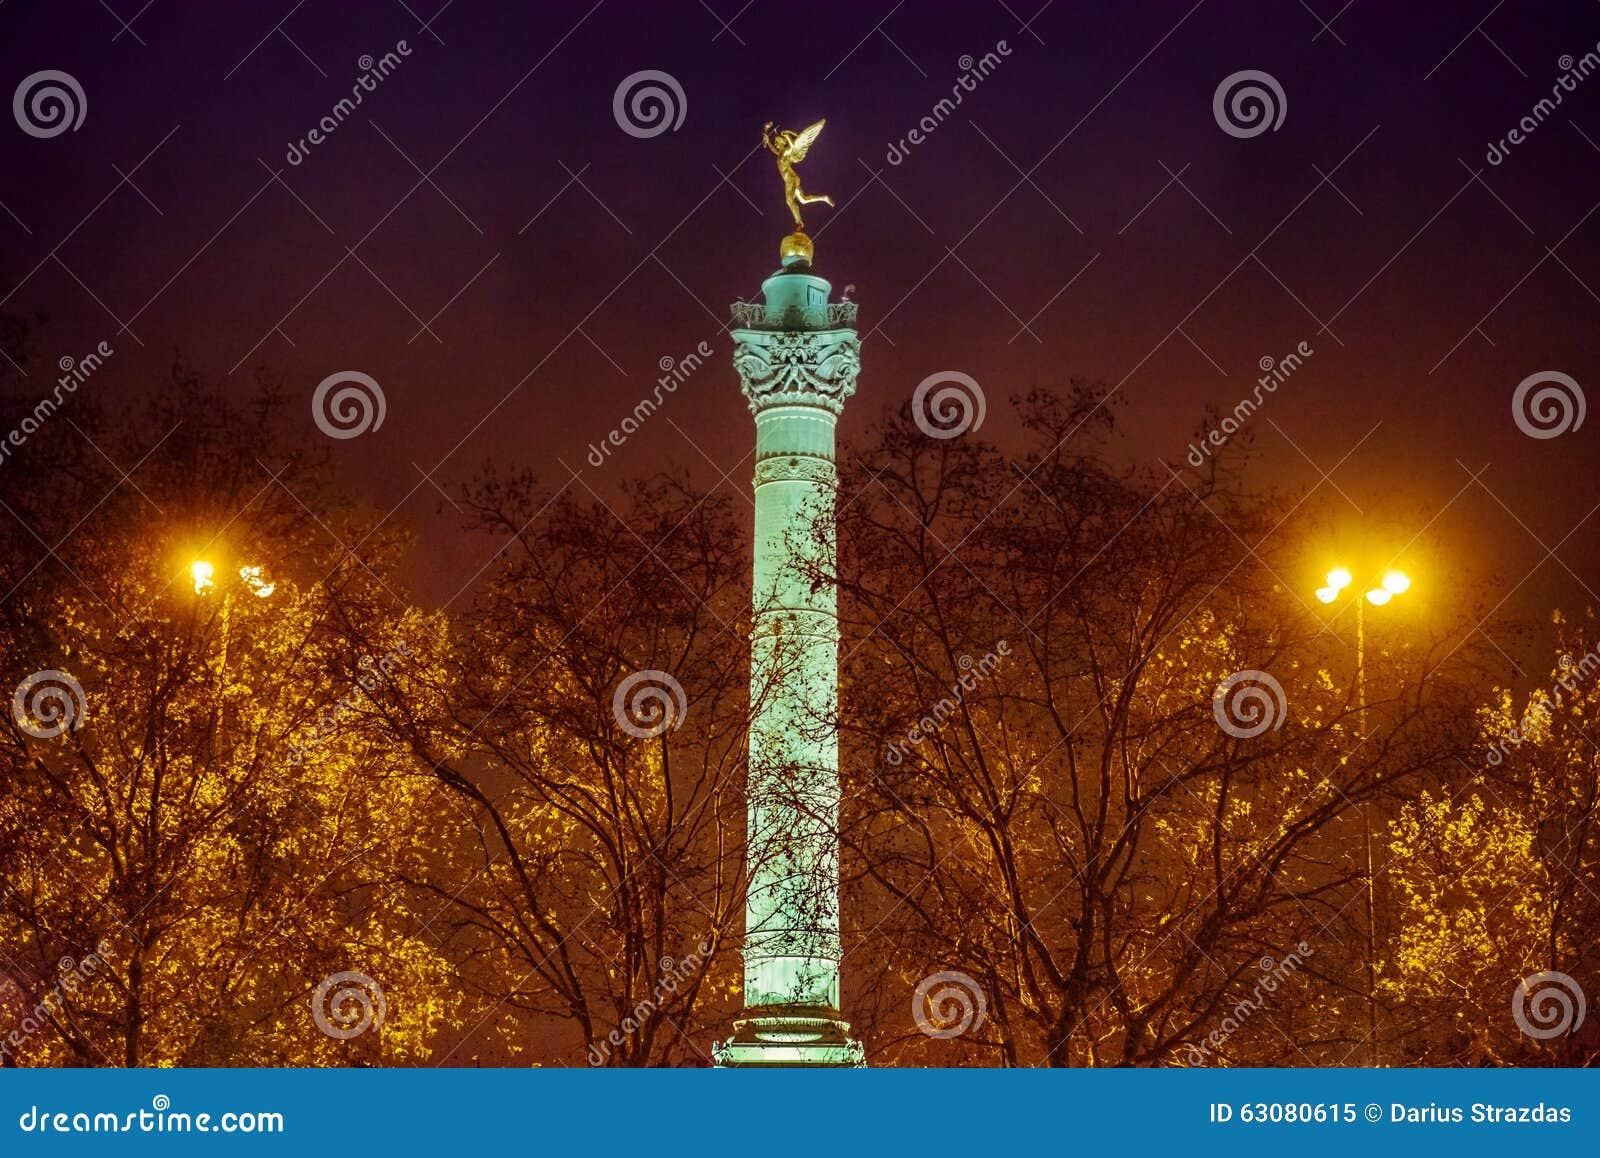 Download Colonne de juillet, Paris image stock. Image du histoire - 63080615